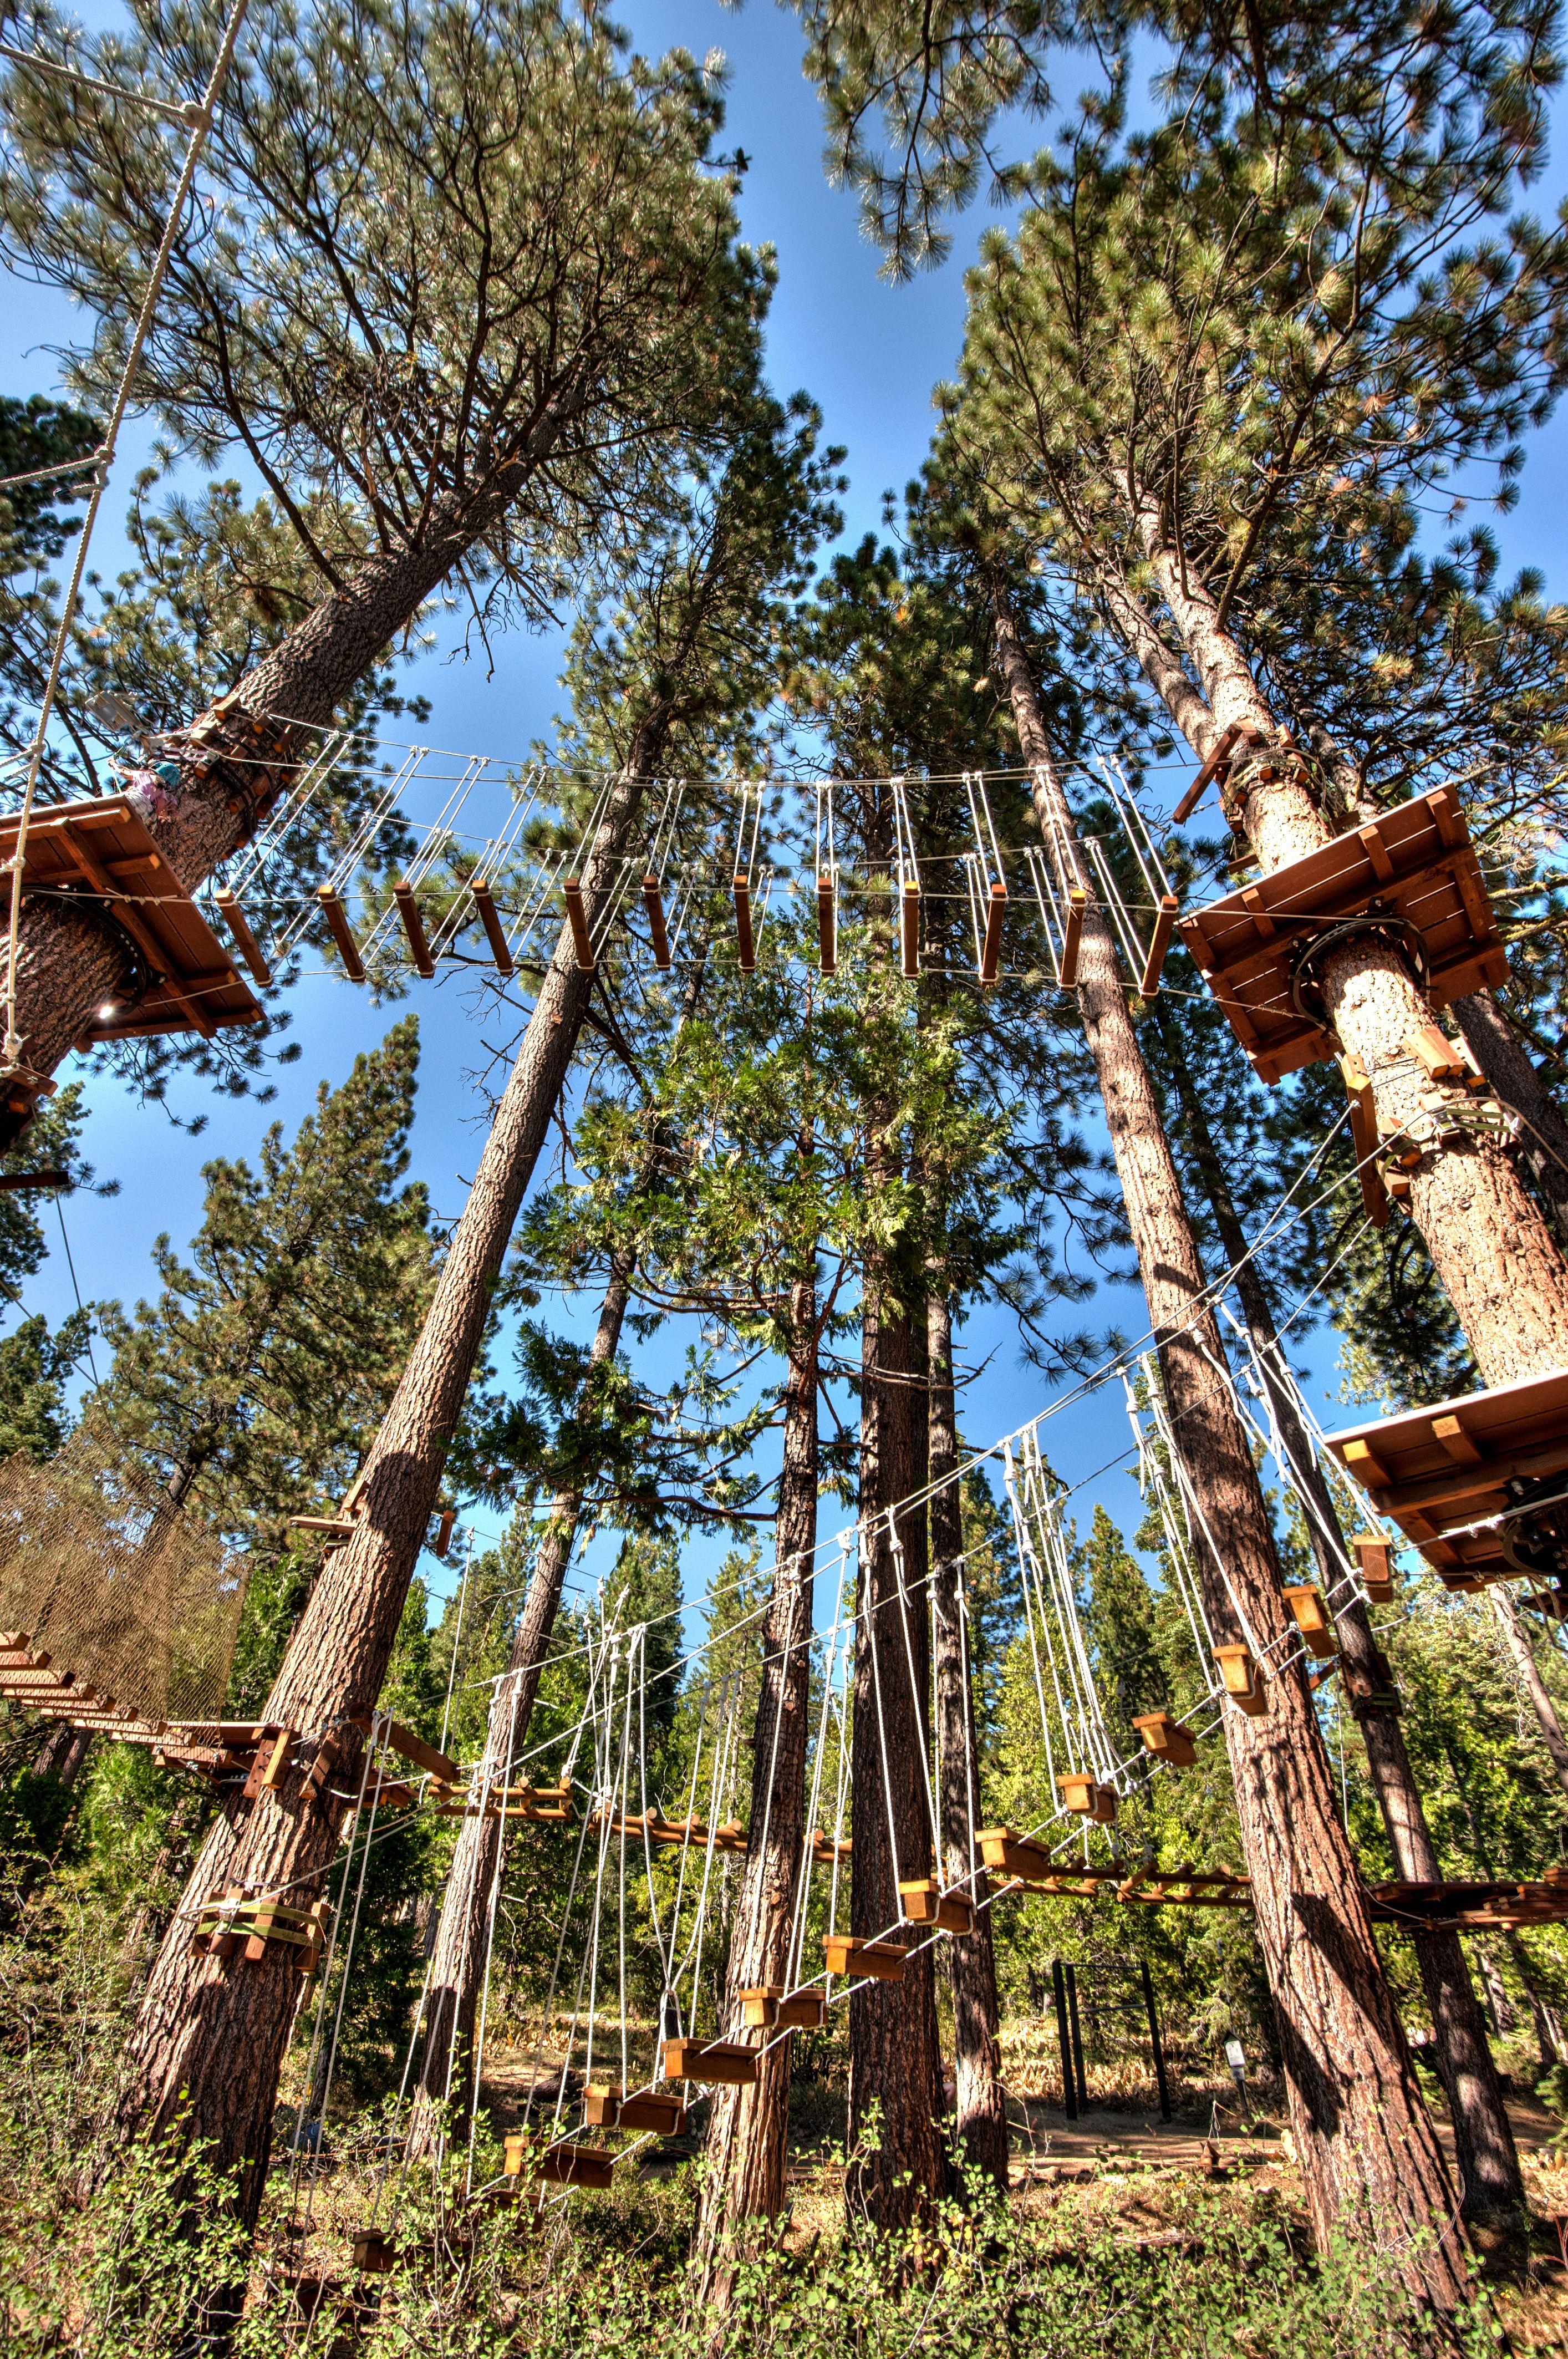 Tahoe Treetop Adventure Park Zip Lines Tahoe Lake Tahoe Vacation Tahoe Trip Lake Tahoe California